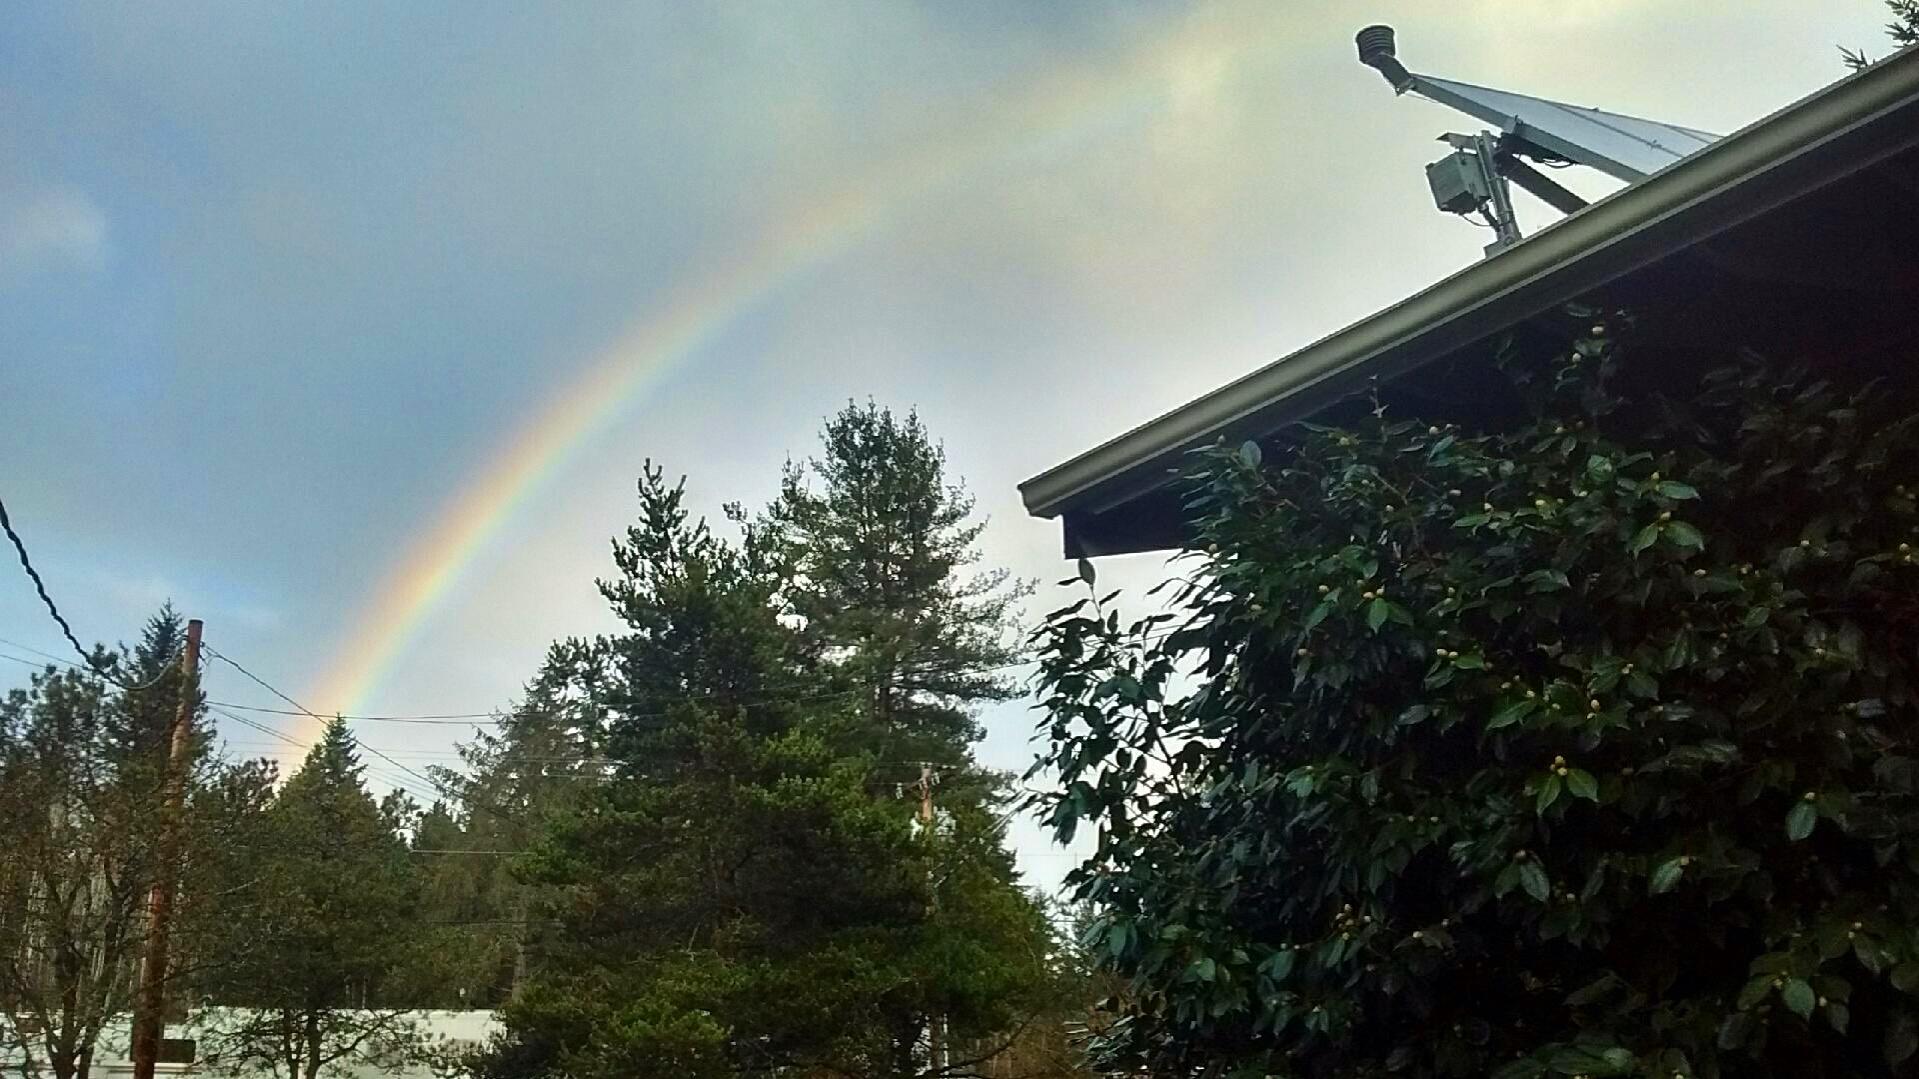 一道彩虹在大发体育在线的树木上闪耀.